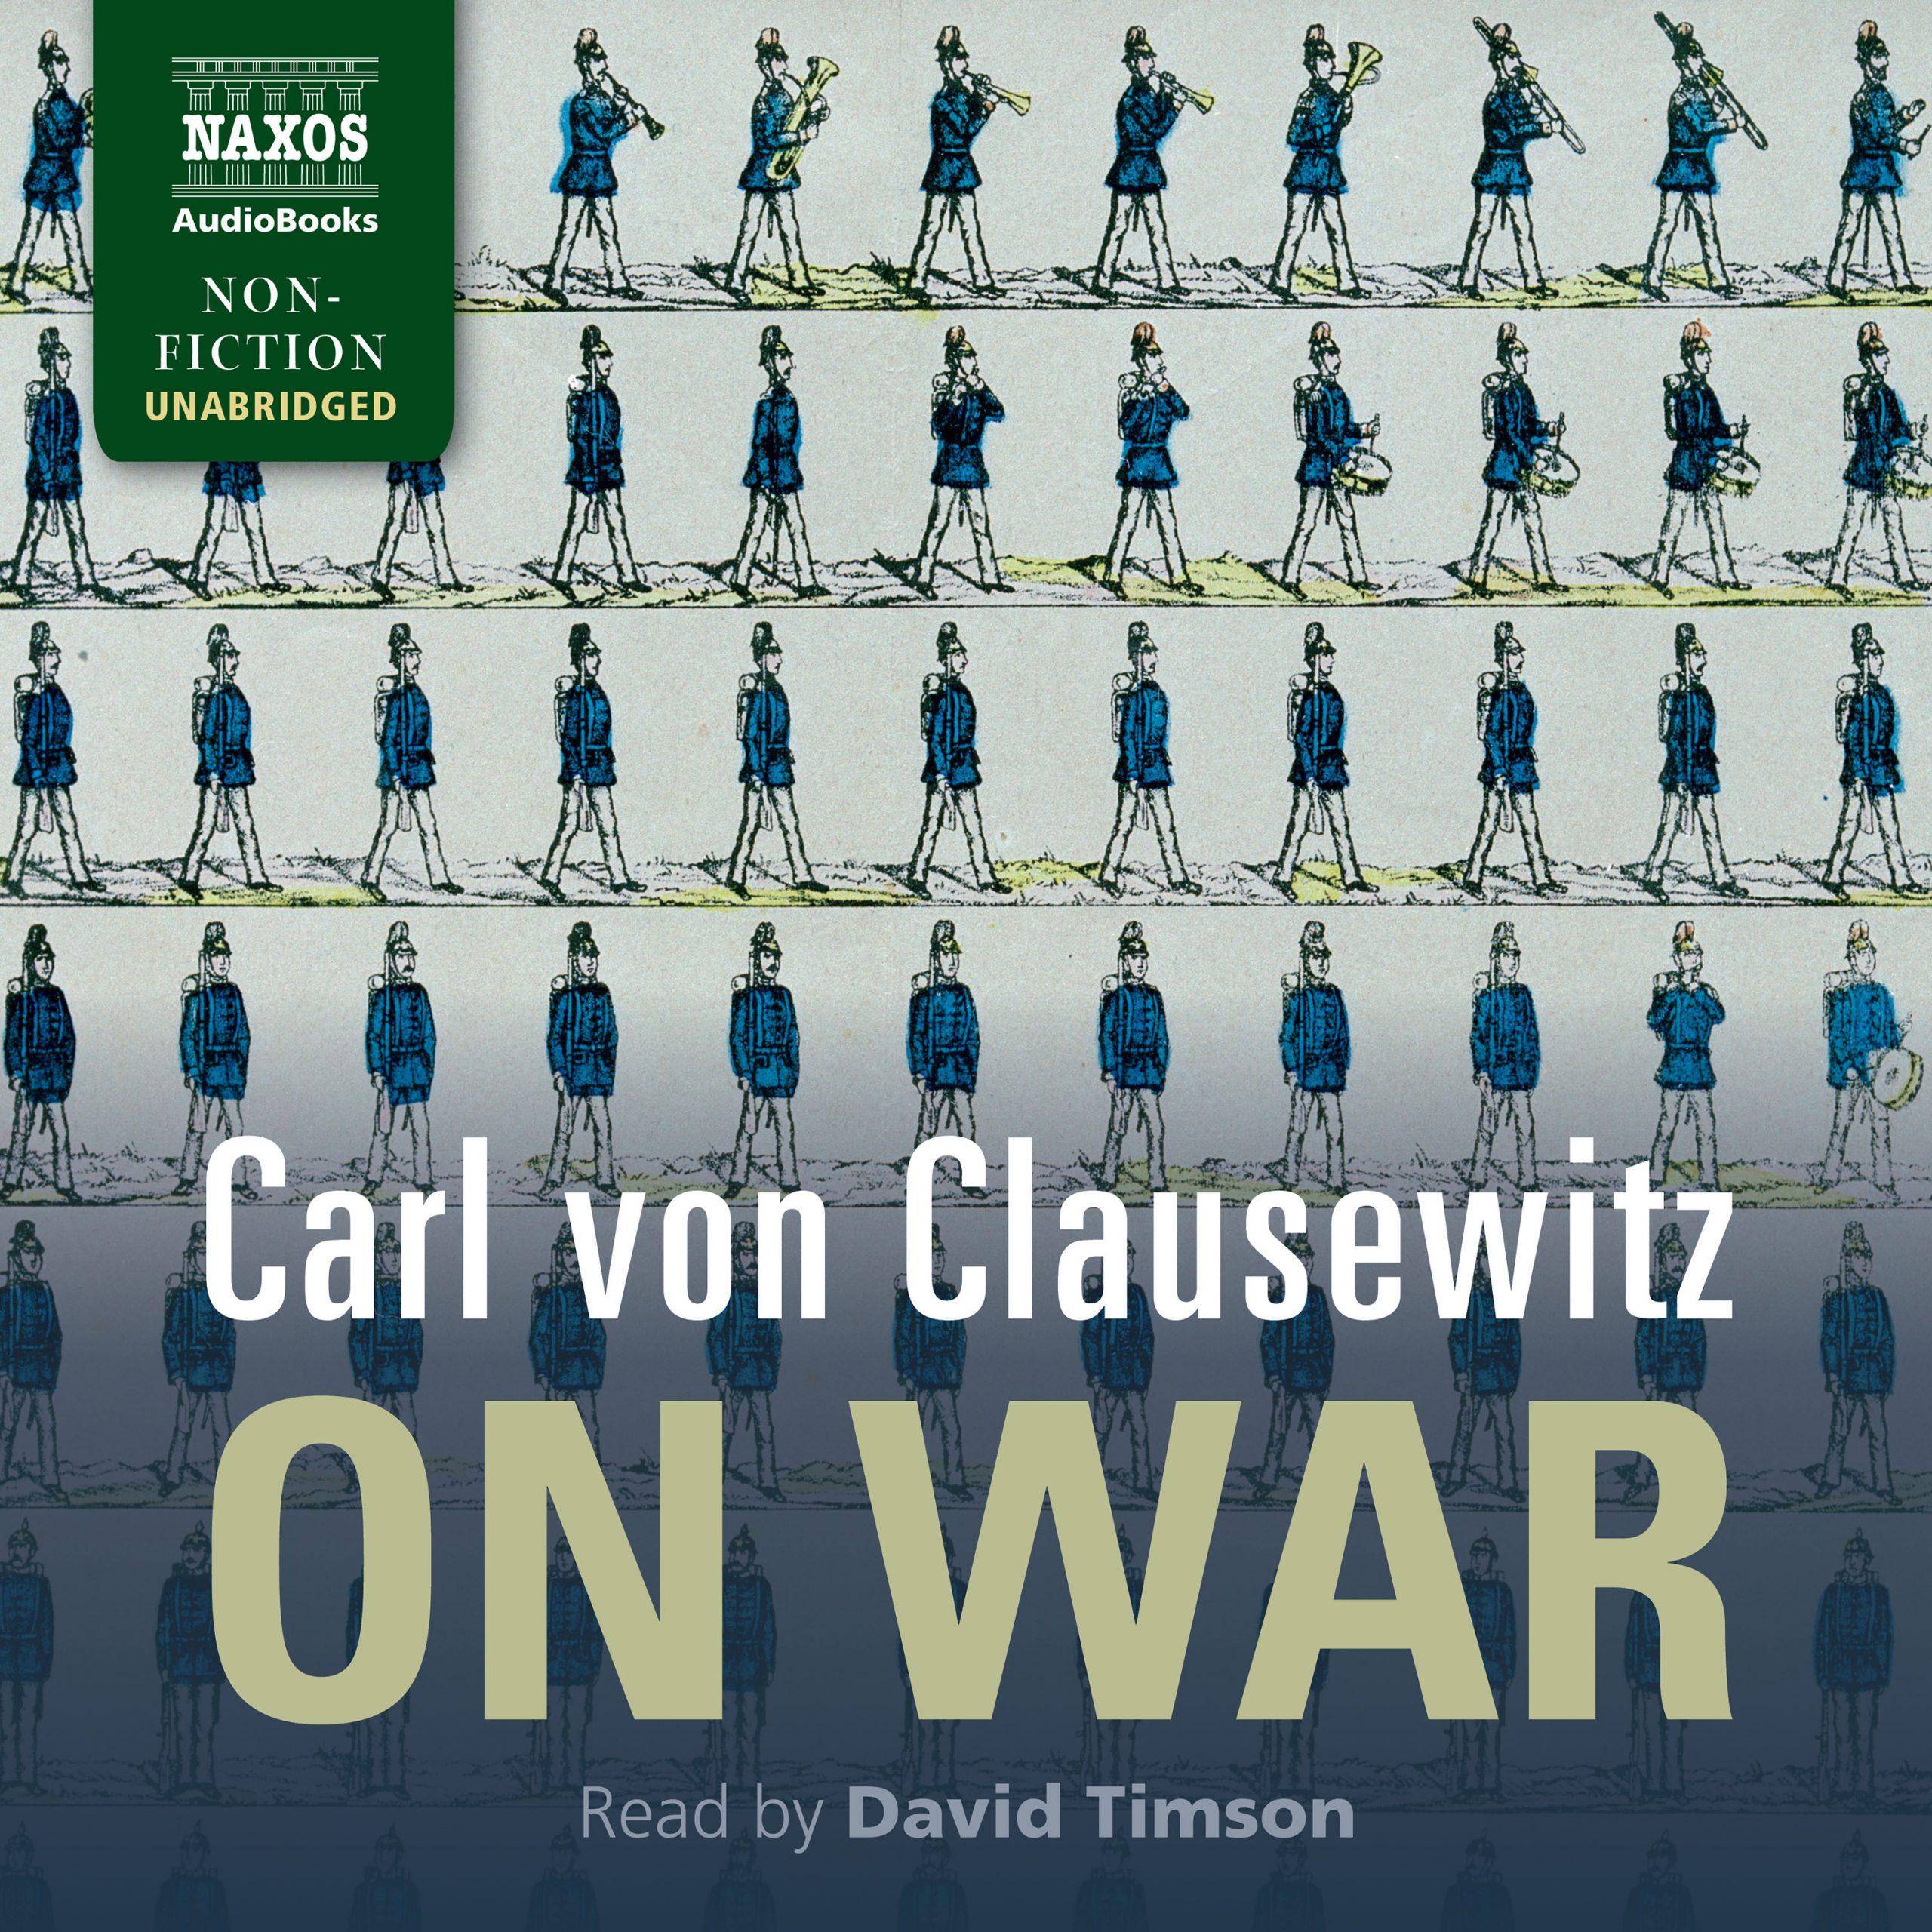 On War (unabridged)